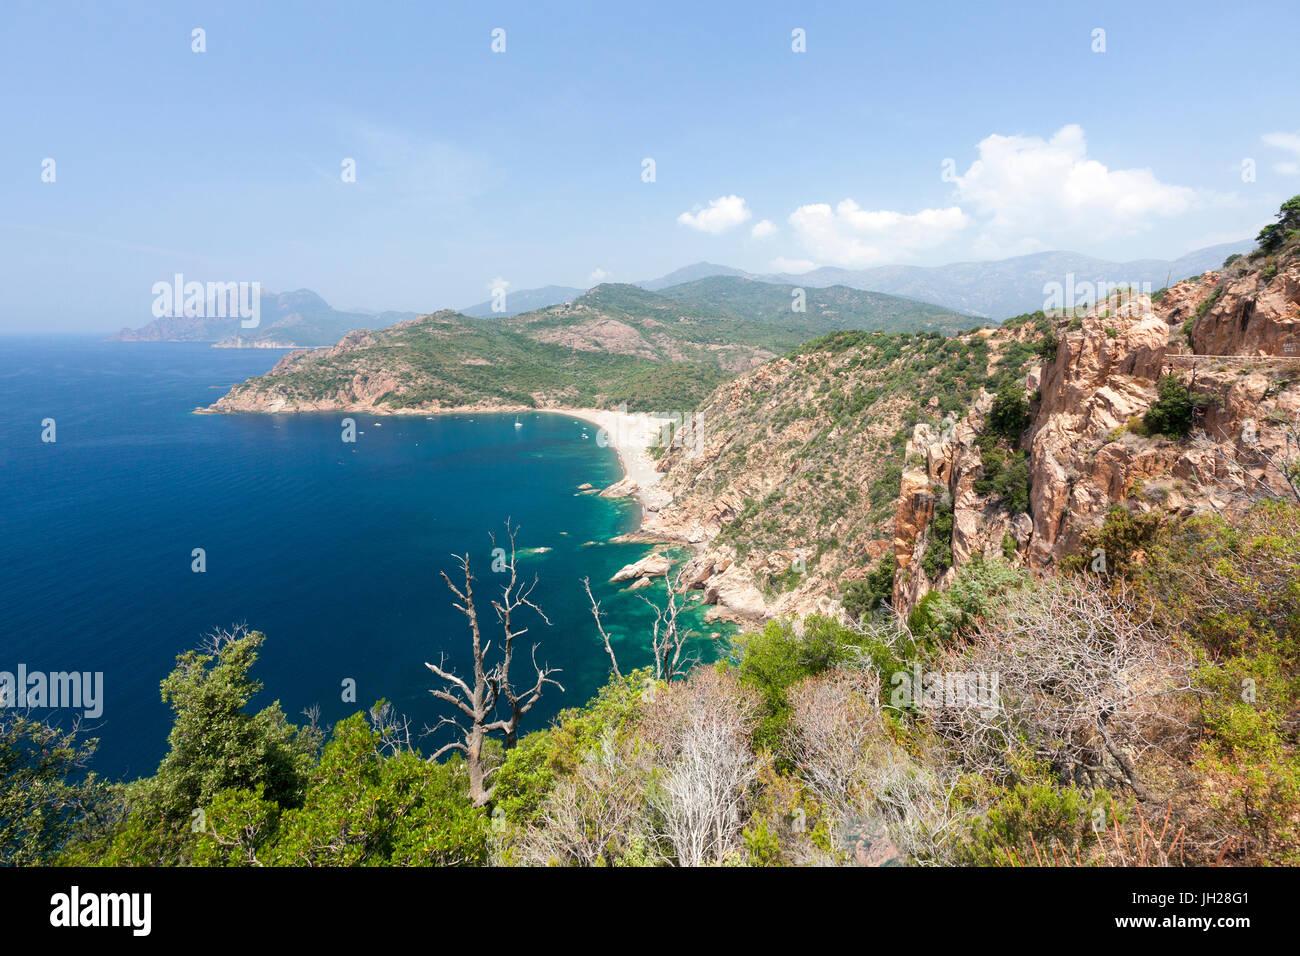 Draufsicht des türkisfarbenen Meer und Sandstrand, eingerahmt von grünen Vegetation auf dem Vorgebirge, Stockbild